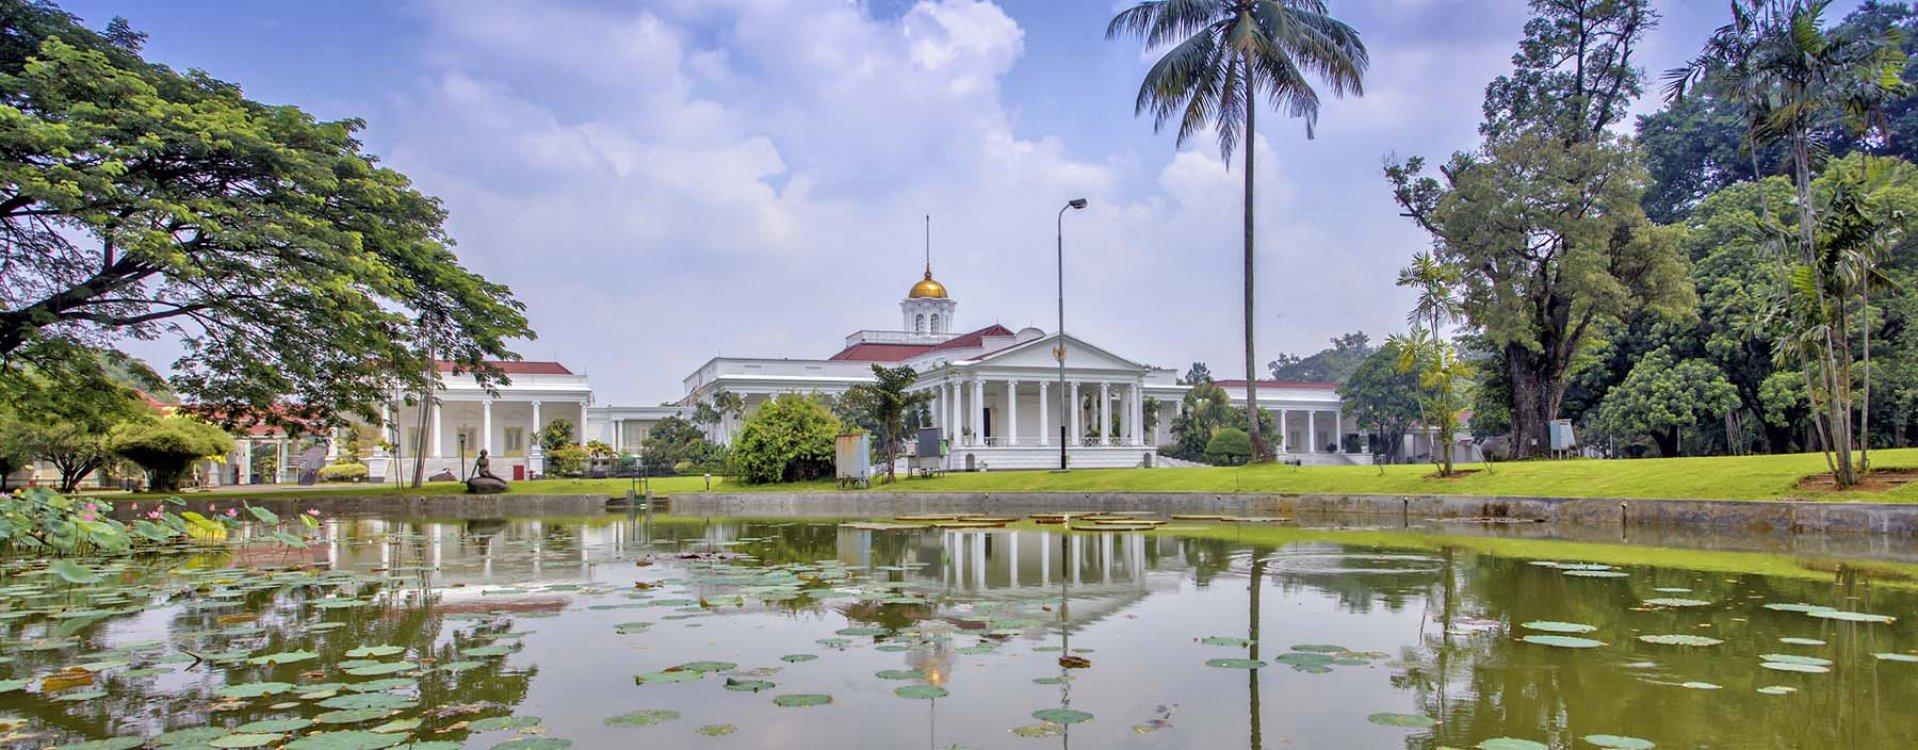 Presidentieel huis in Bogor